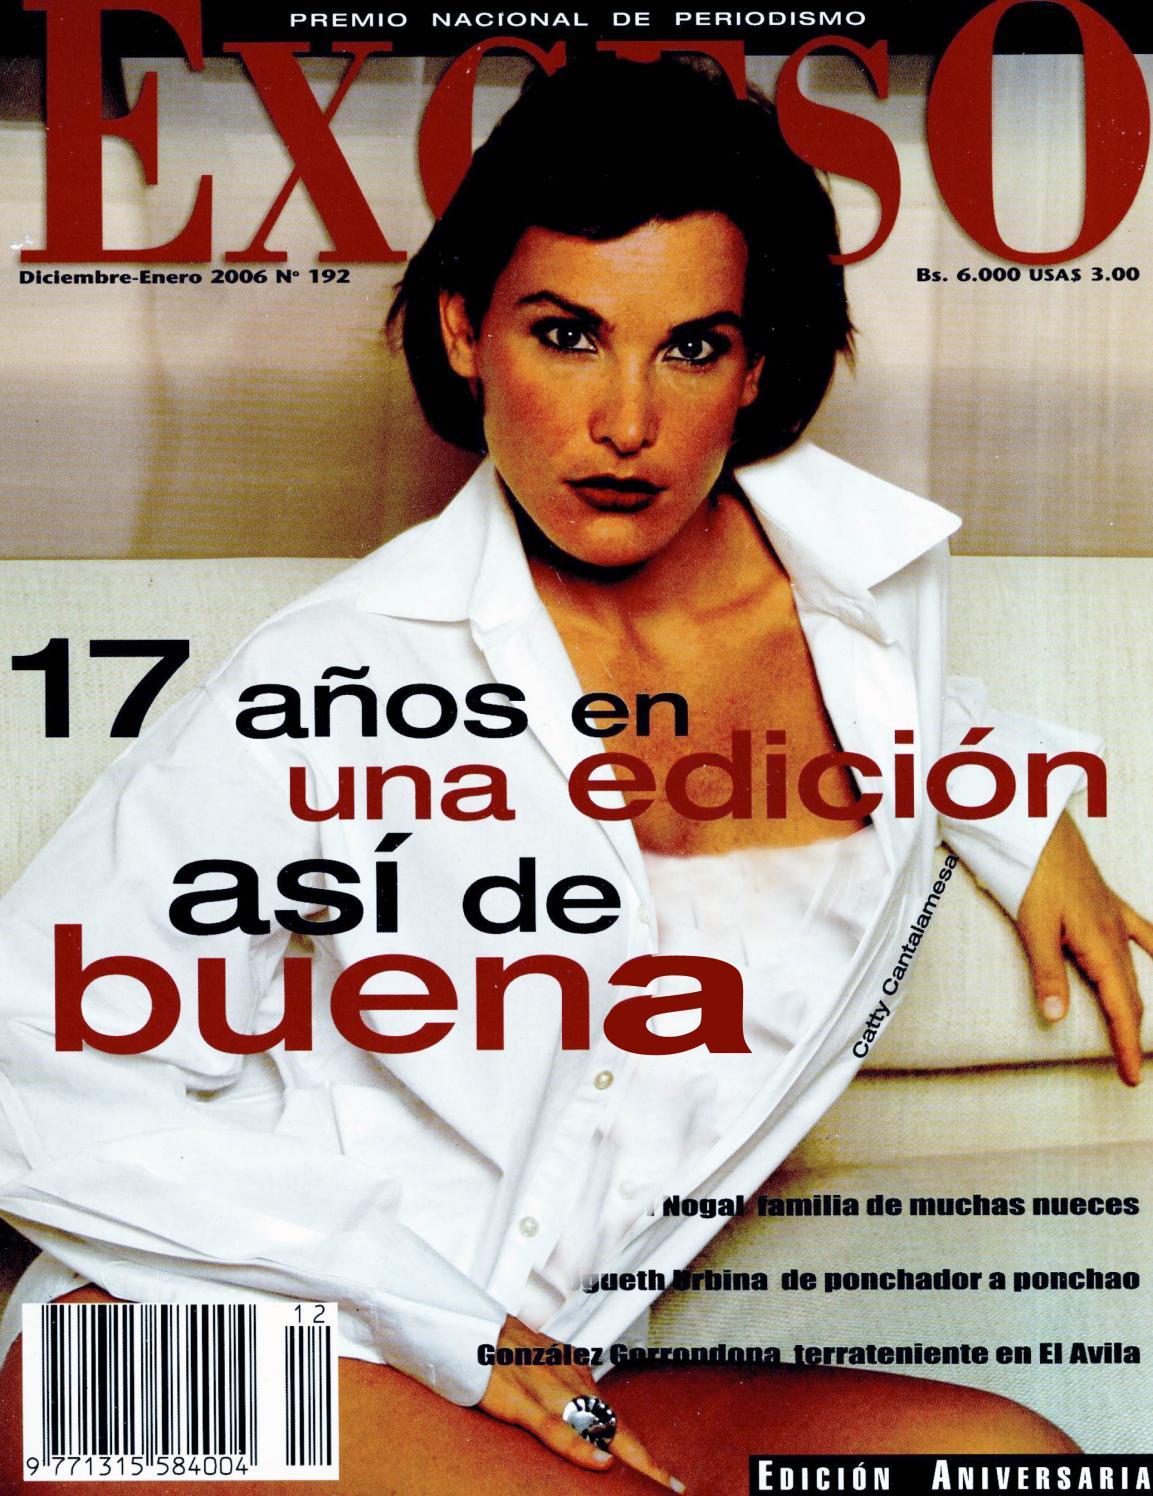 0e5adcc60692 Revista Exceso edición nº 192 diciembre enero 2006 by Revista Exceso - 1988  a 2007 - issuu